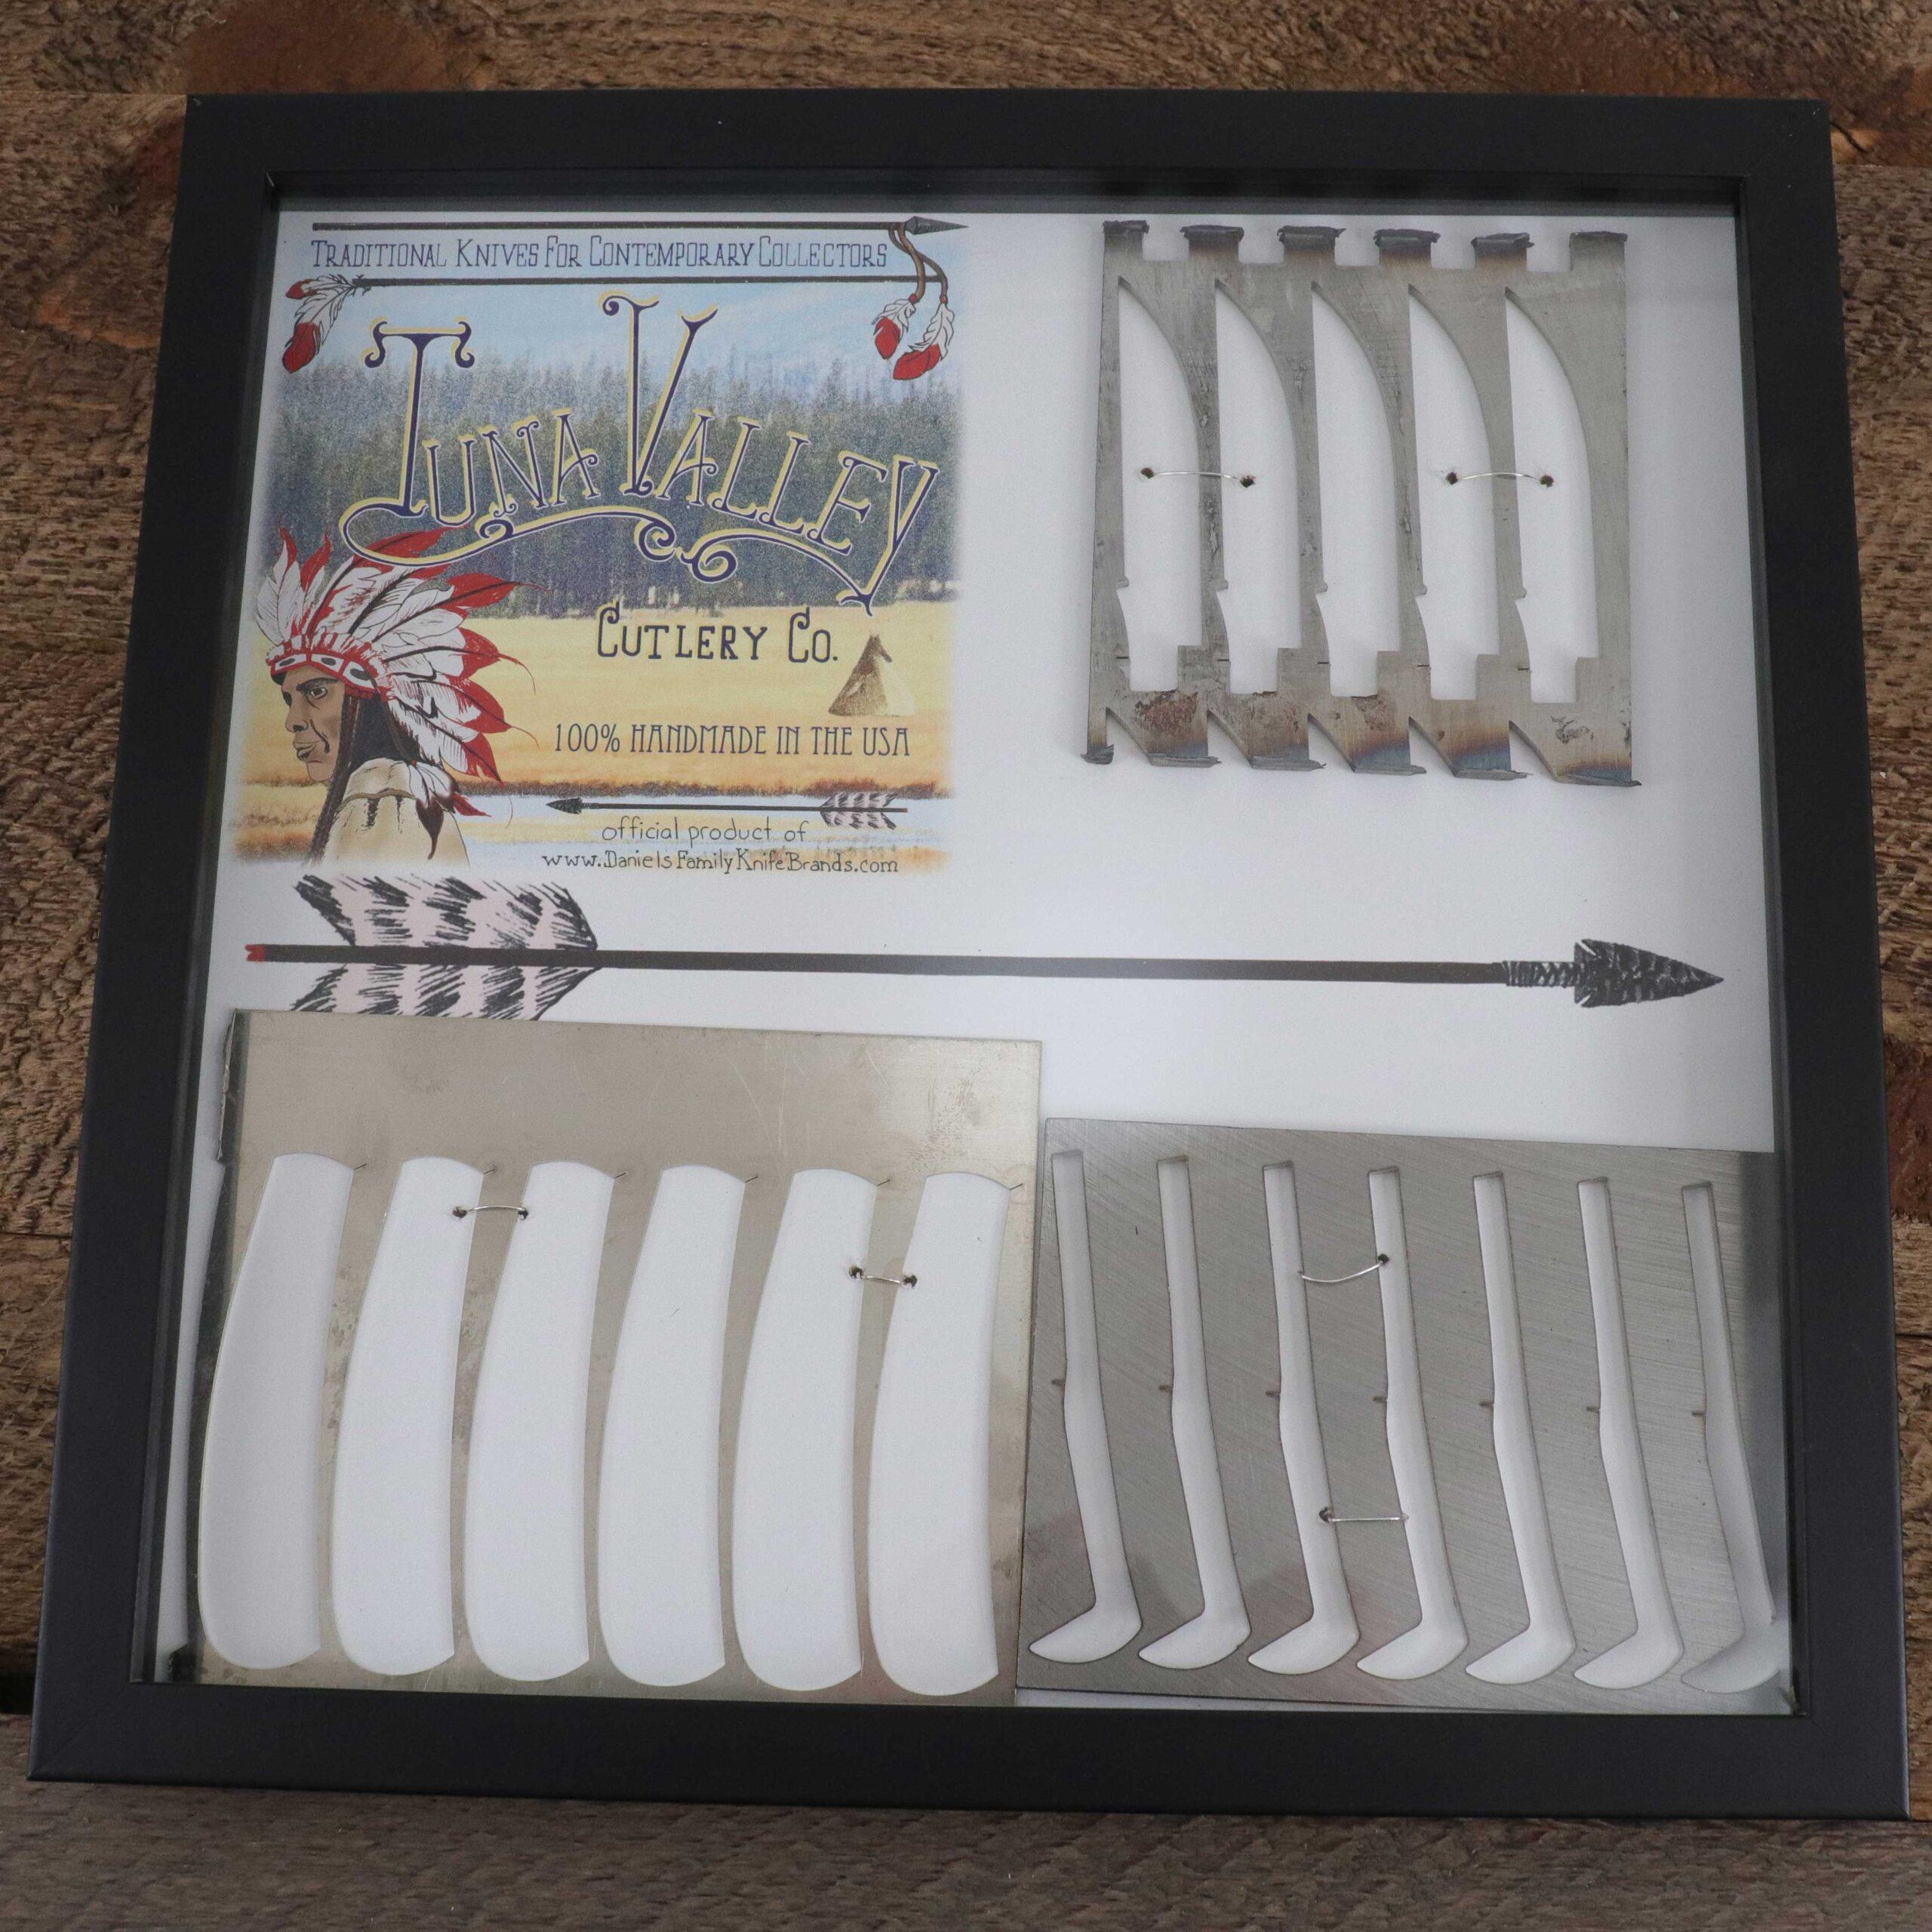 DFKB Accessories 007 - Tuna Valley Phoenix Anatomy Set